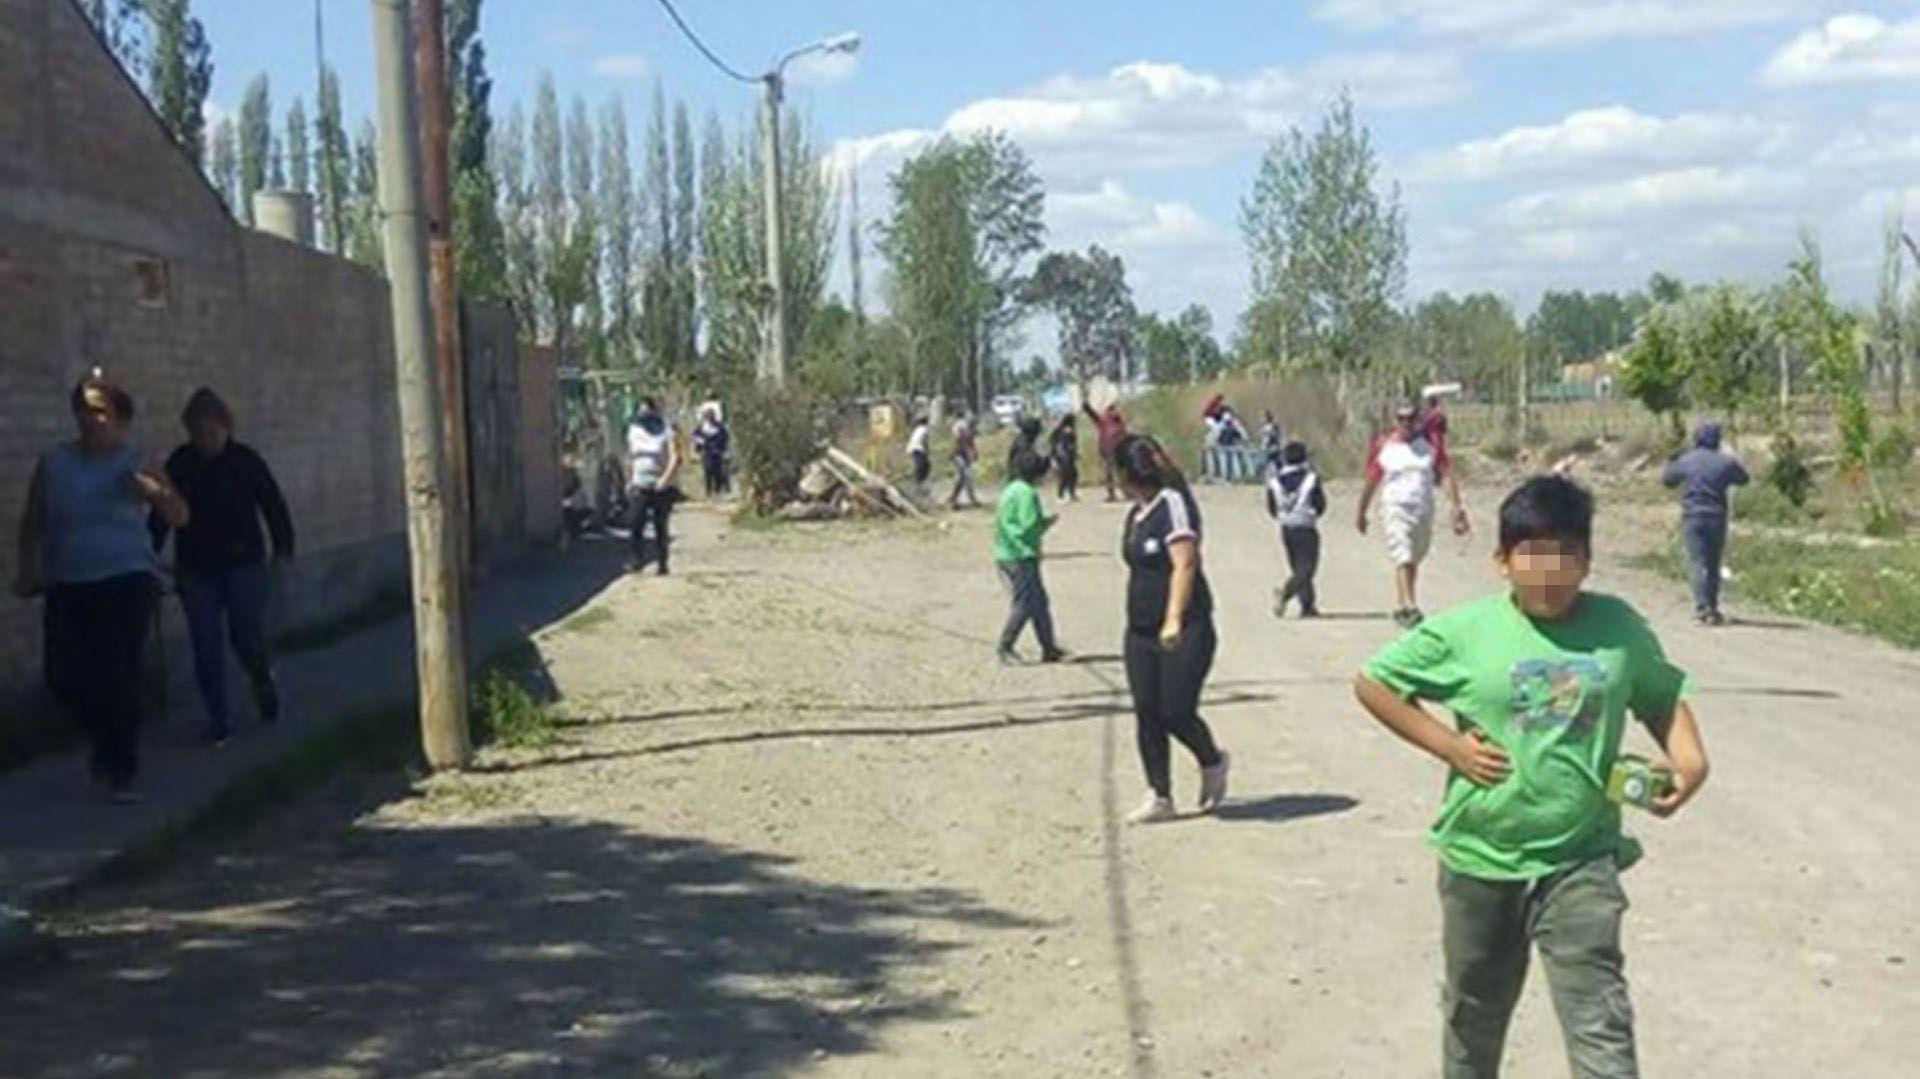 Durante el desalojo hubo lanzamiento de gases lacrimógenos y disparos de balas de goma por parte de la Policía. En la Escuela, ubicada a unos metros, se encontraban estudiando 190 alumnos